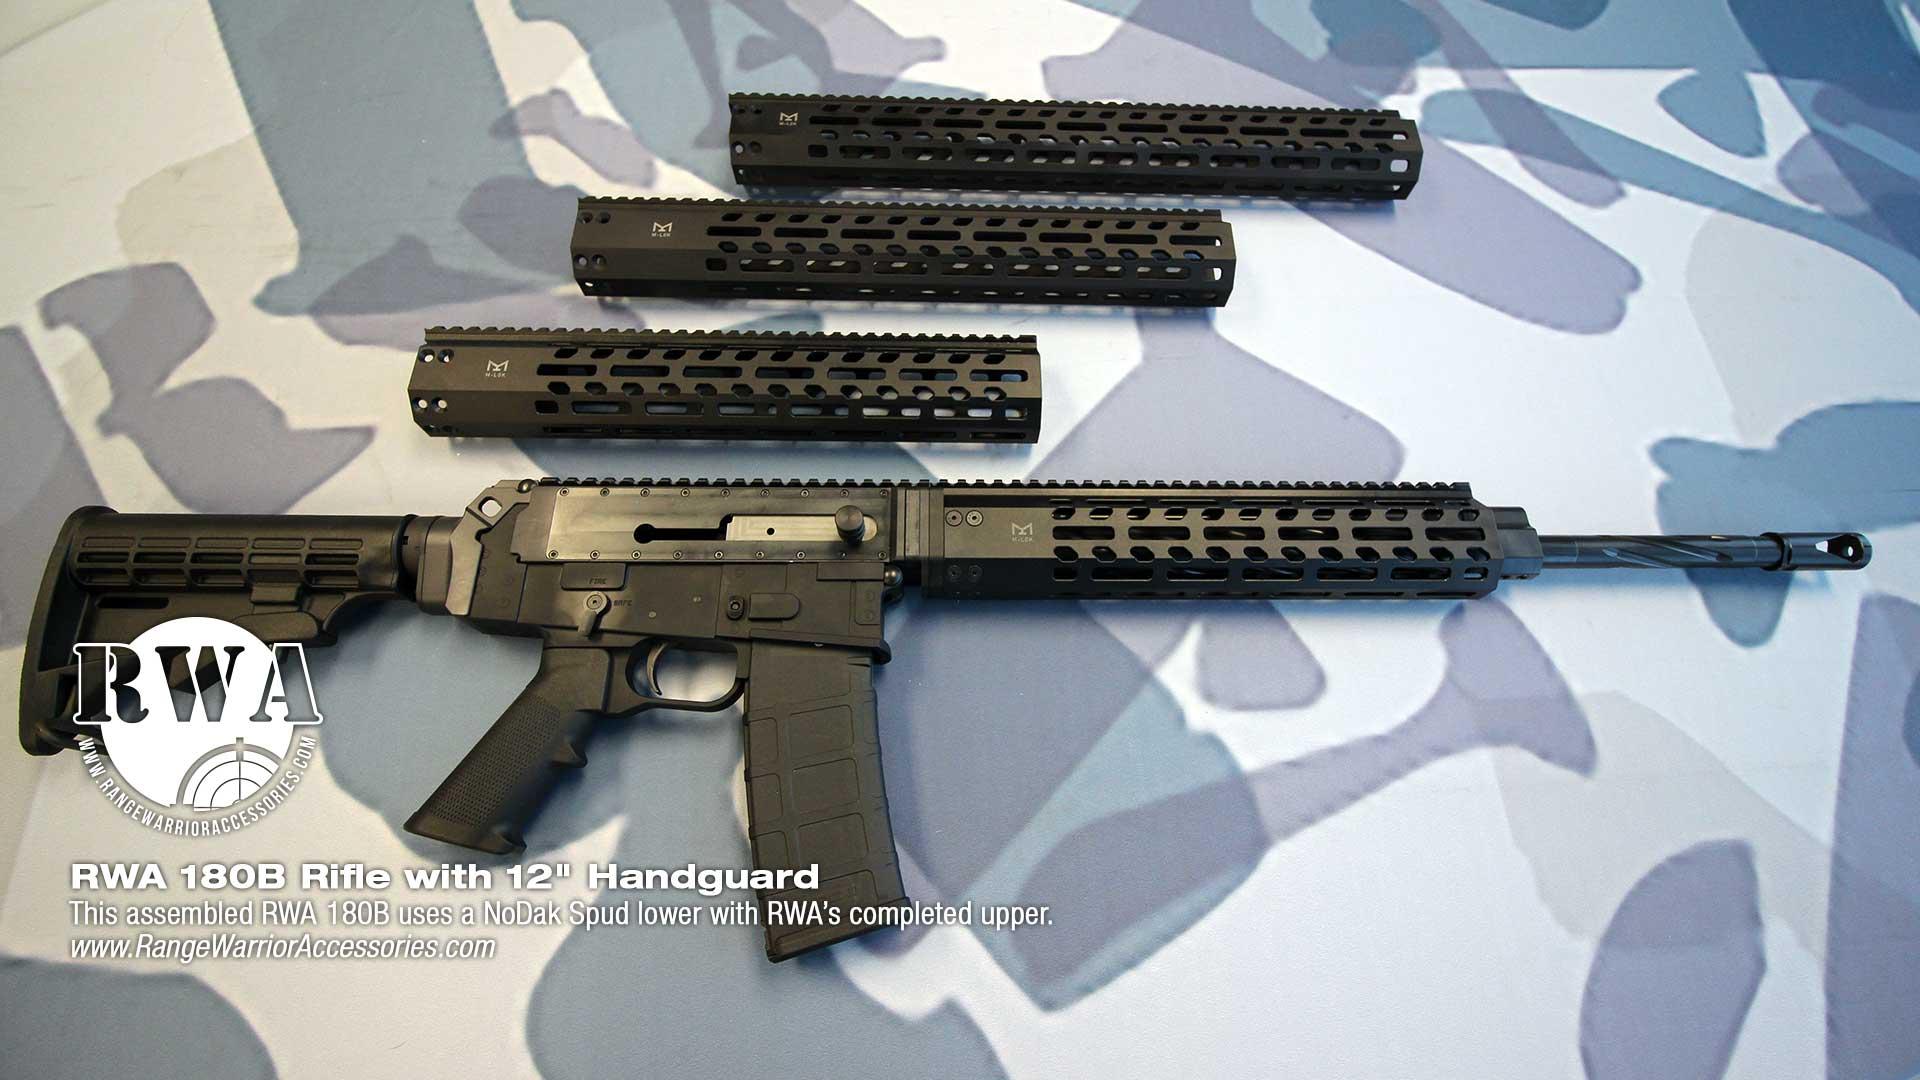 RWA AR 180B Rifle with 12-inch Handguard